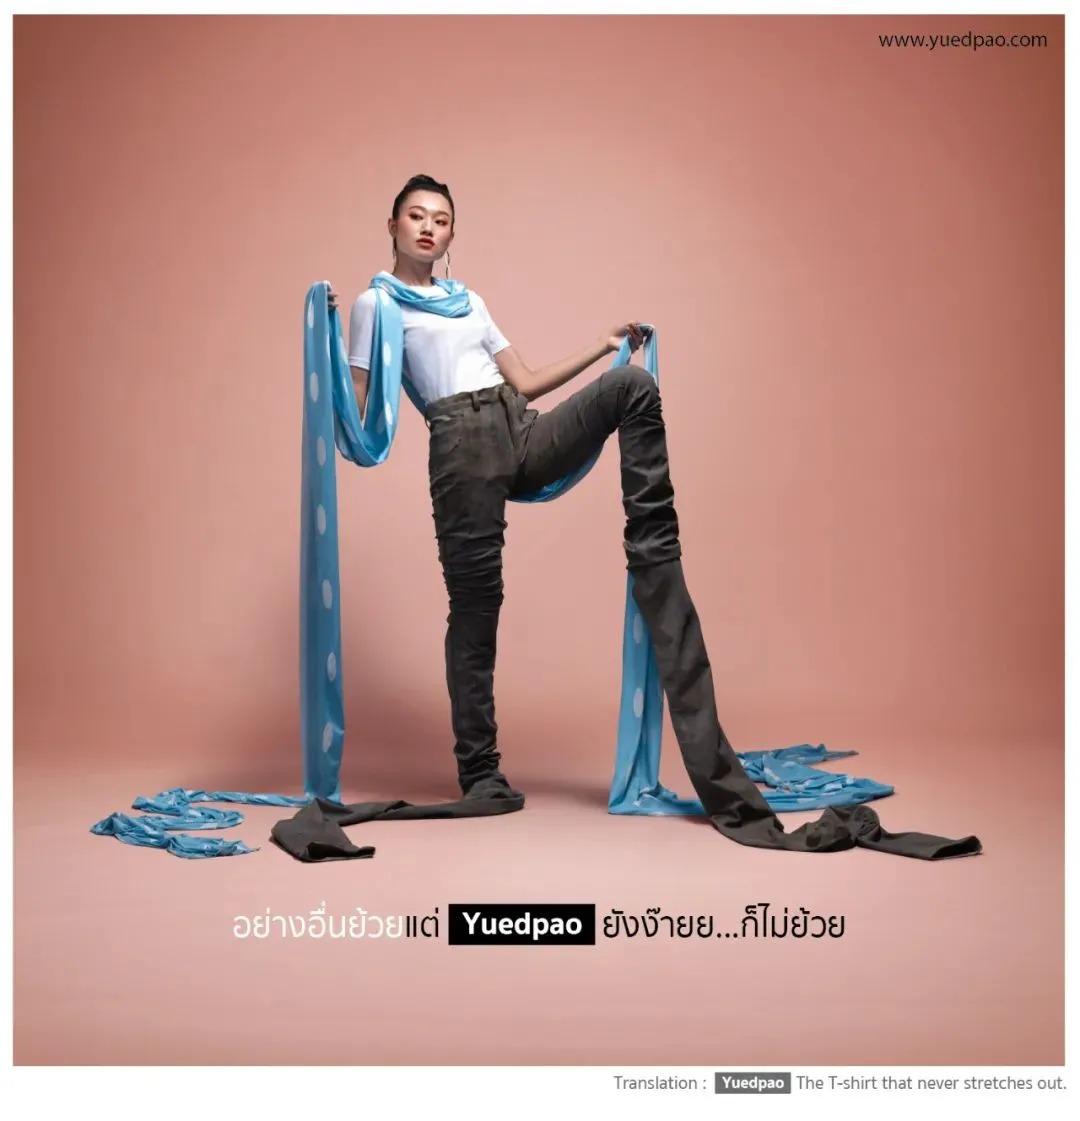 22款全球创意广告海报作品集